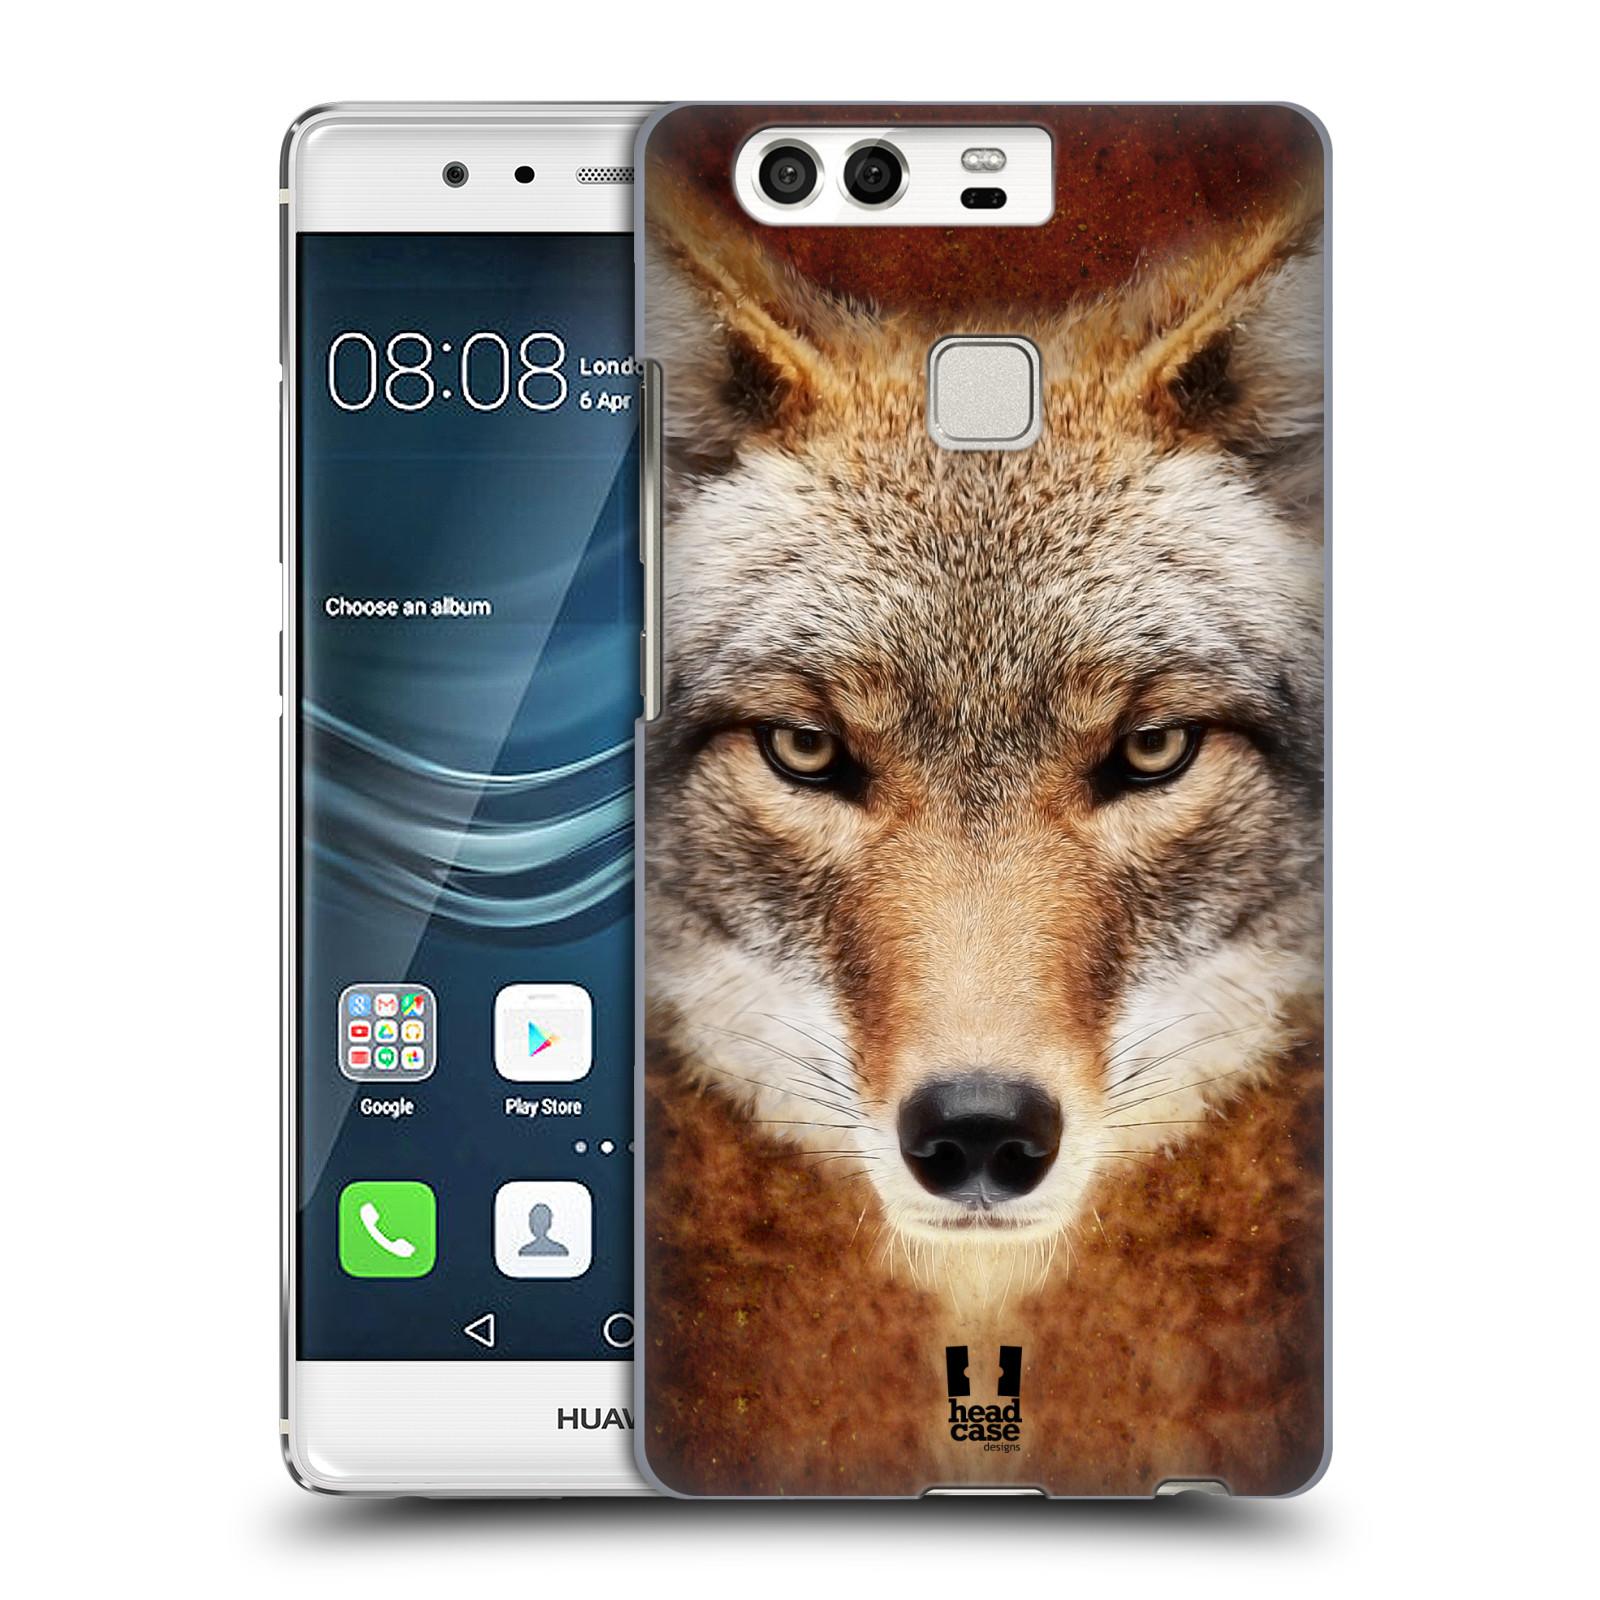 HEAD CASE plastový obal na mobil Huawei P9 / P9 DUAL SIM vzor Zvířecí tváře kojot